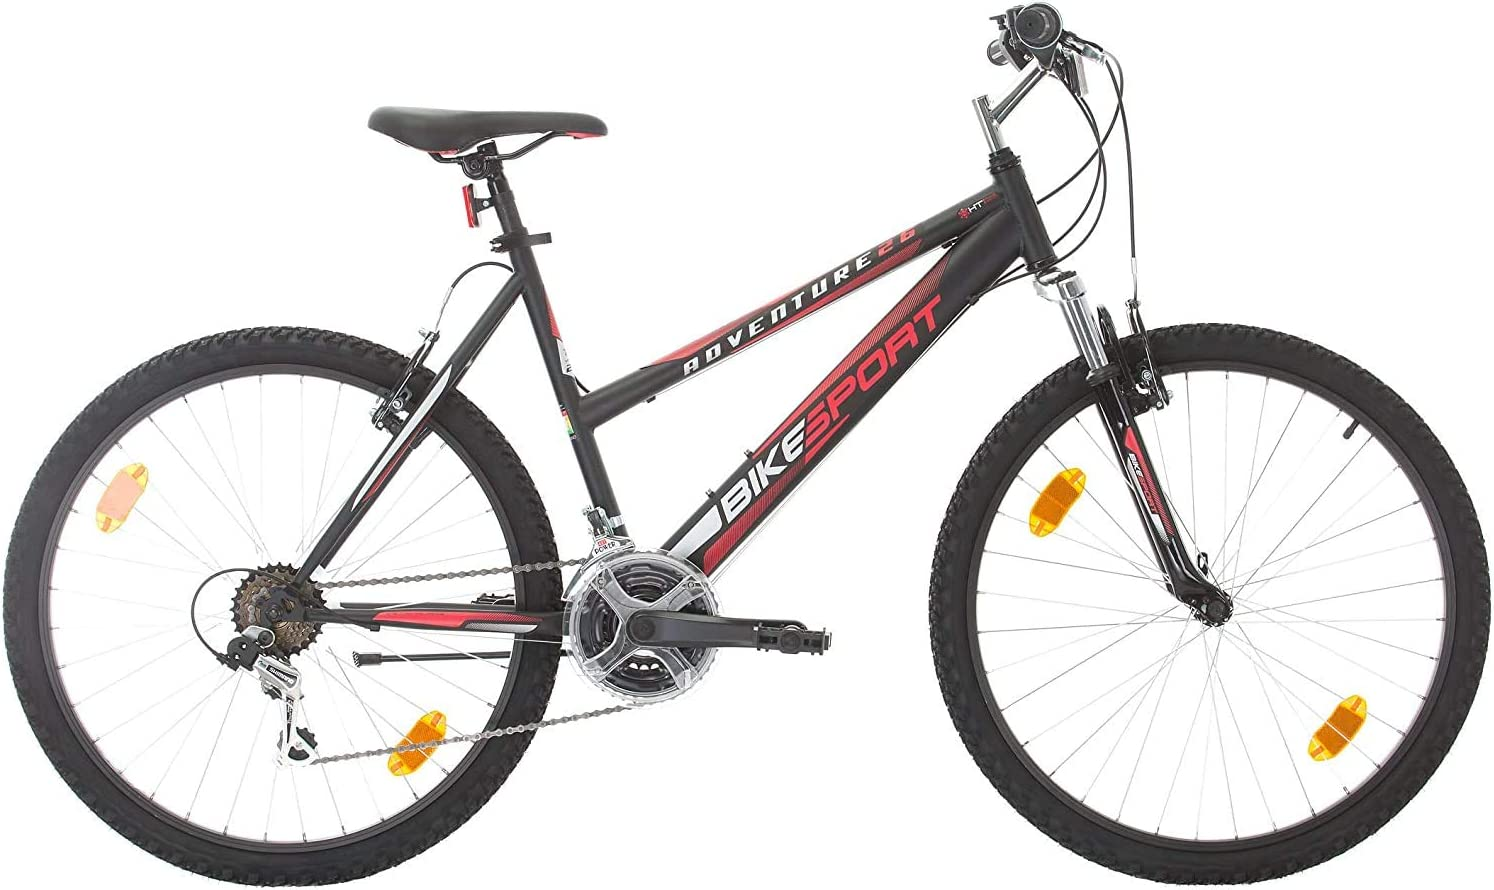 26 pulgadas Bike Sport Adventure - Bicicleta para joven, mujer Mountain Bike , 18 velocidades Shimano: Amazon.es: Deportes y aire libre